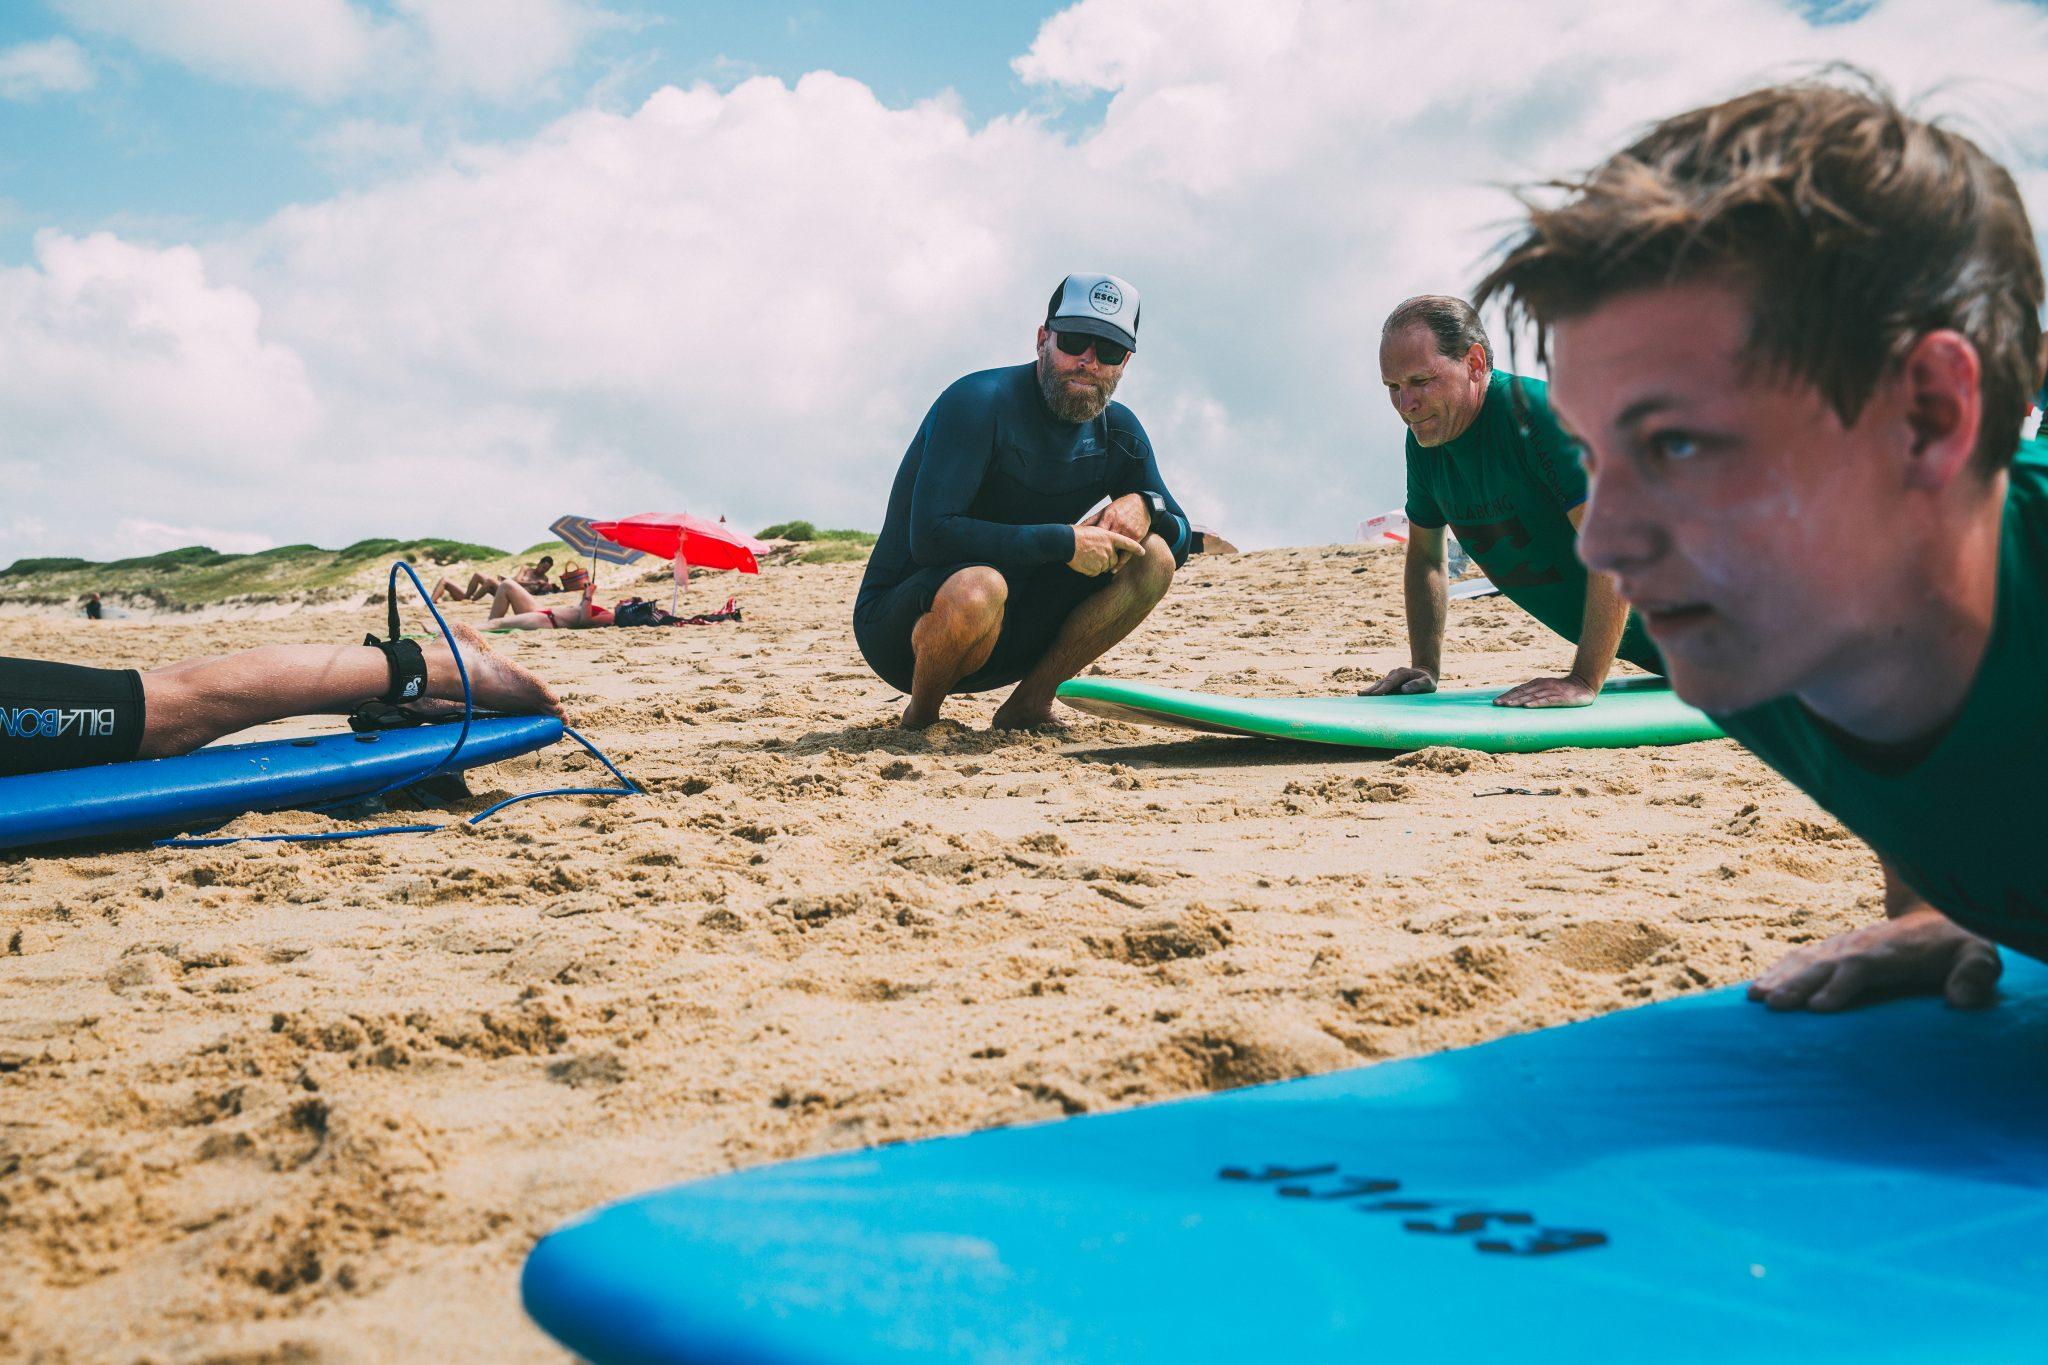 Cours-de-surf-sur-la-plage-landes